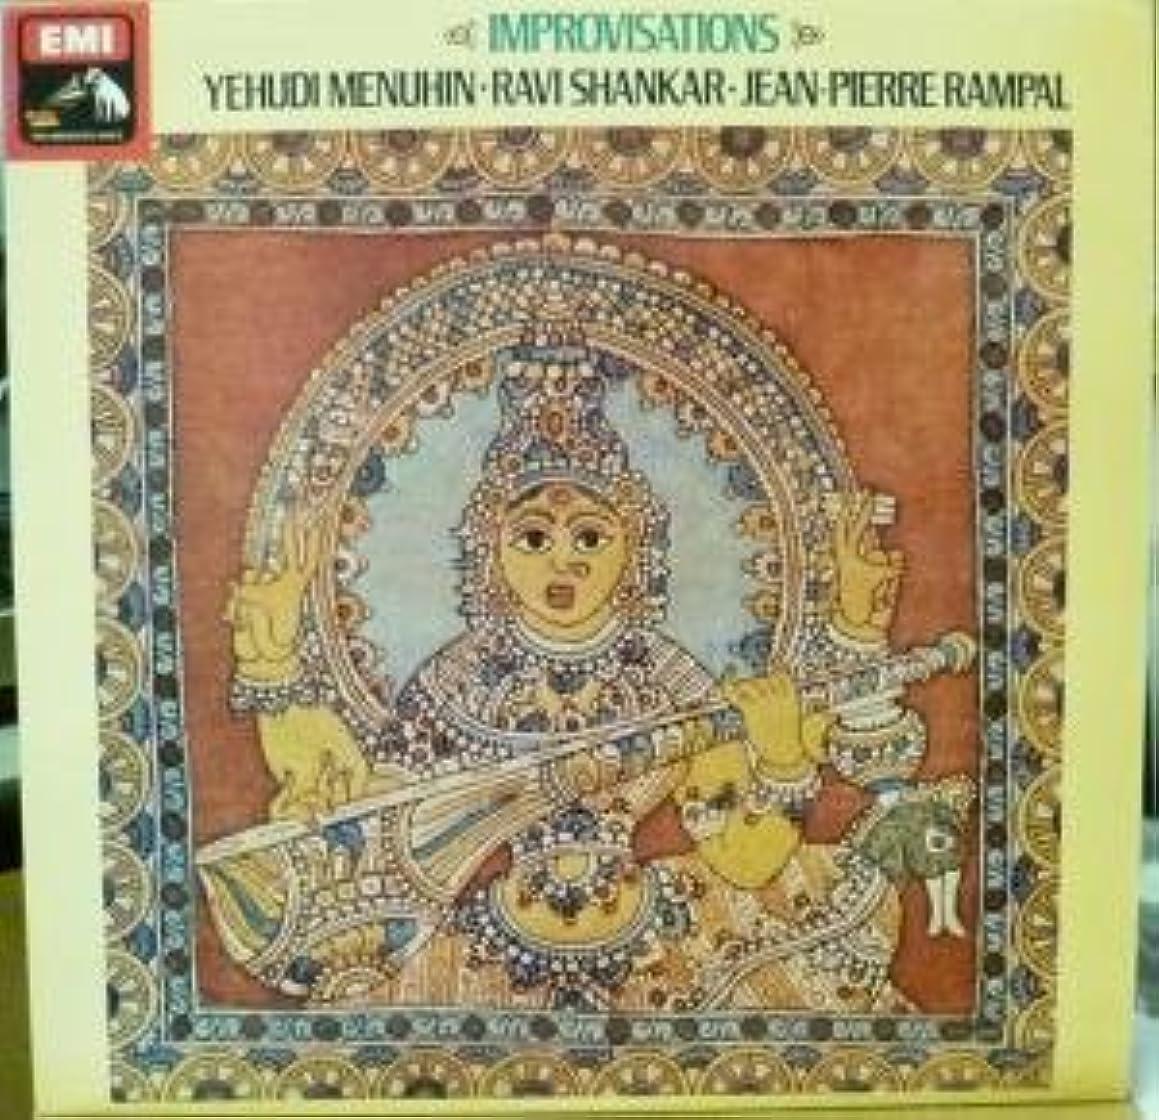 IMPROVISATIONS LP (VINYL ALBUM) UK HIS MASTERS VOICE 1976